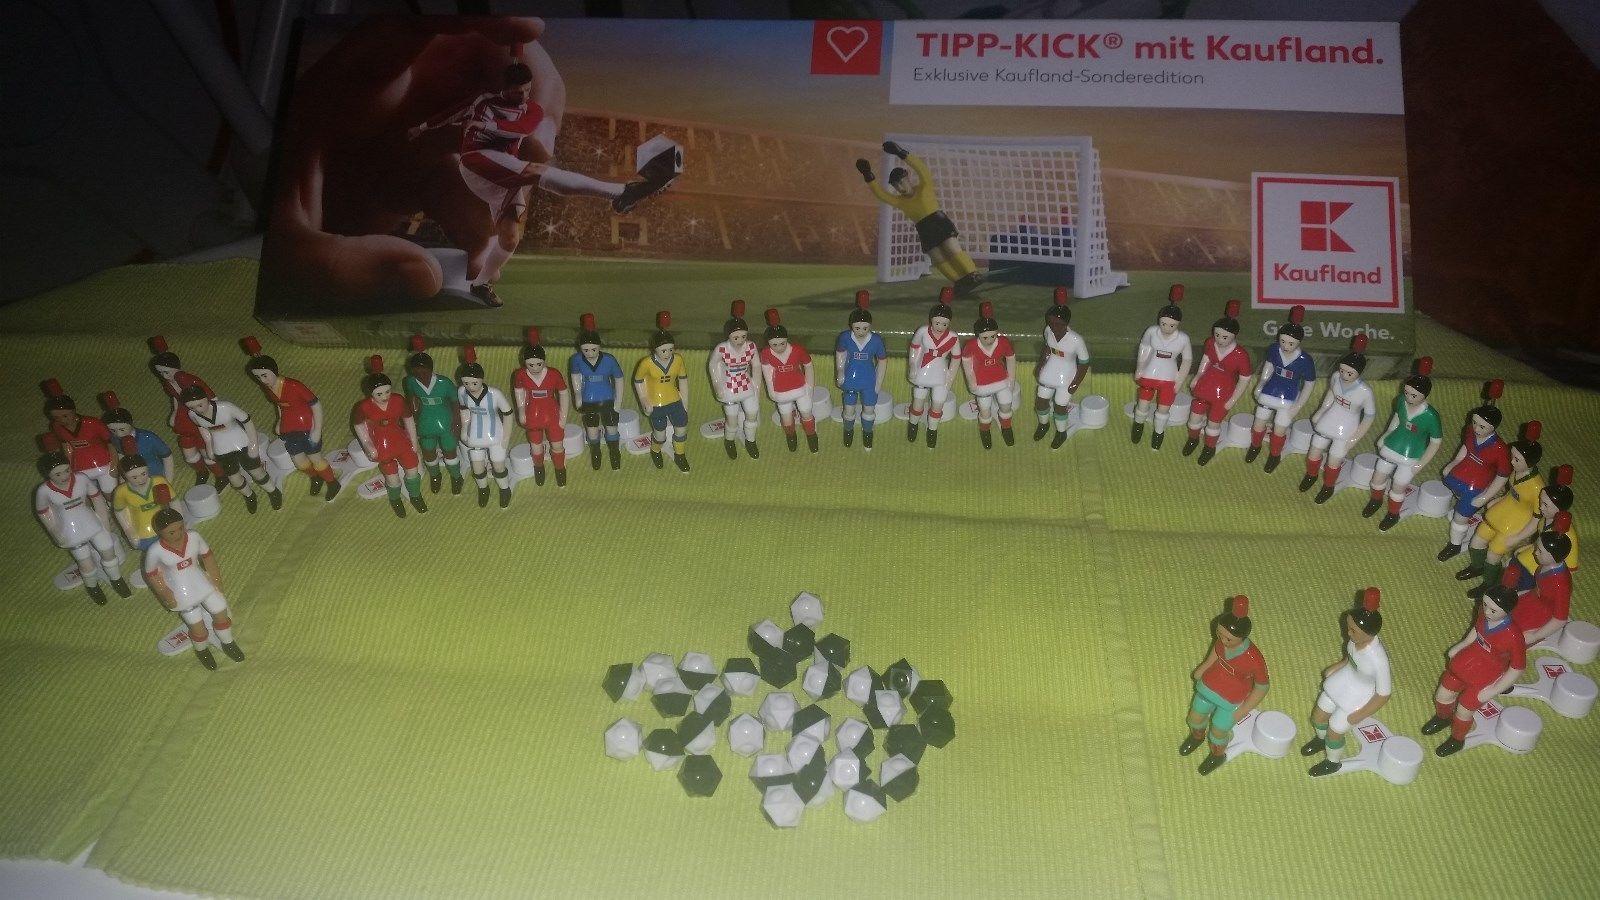 Kompletter 32 Spieler Tipp-Kick Figuren Satz Kaufland WM 2018 mit Spielfeld